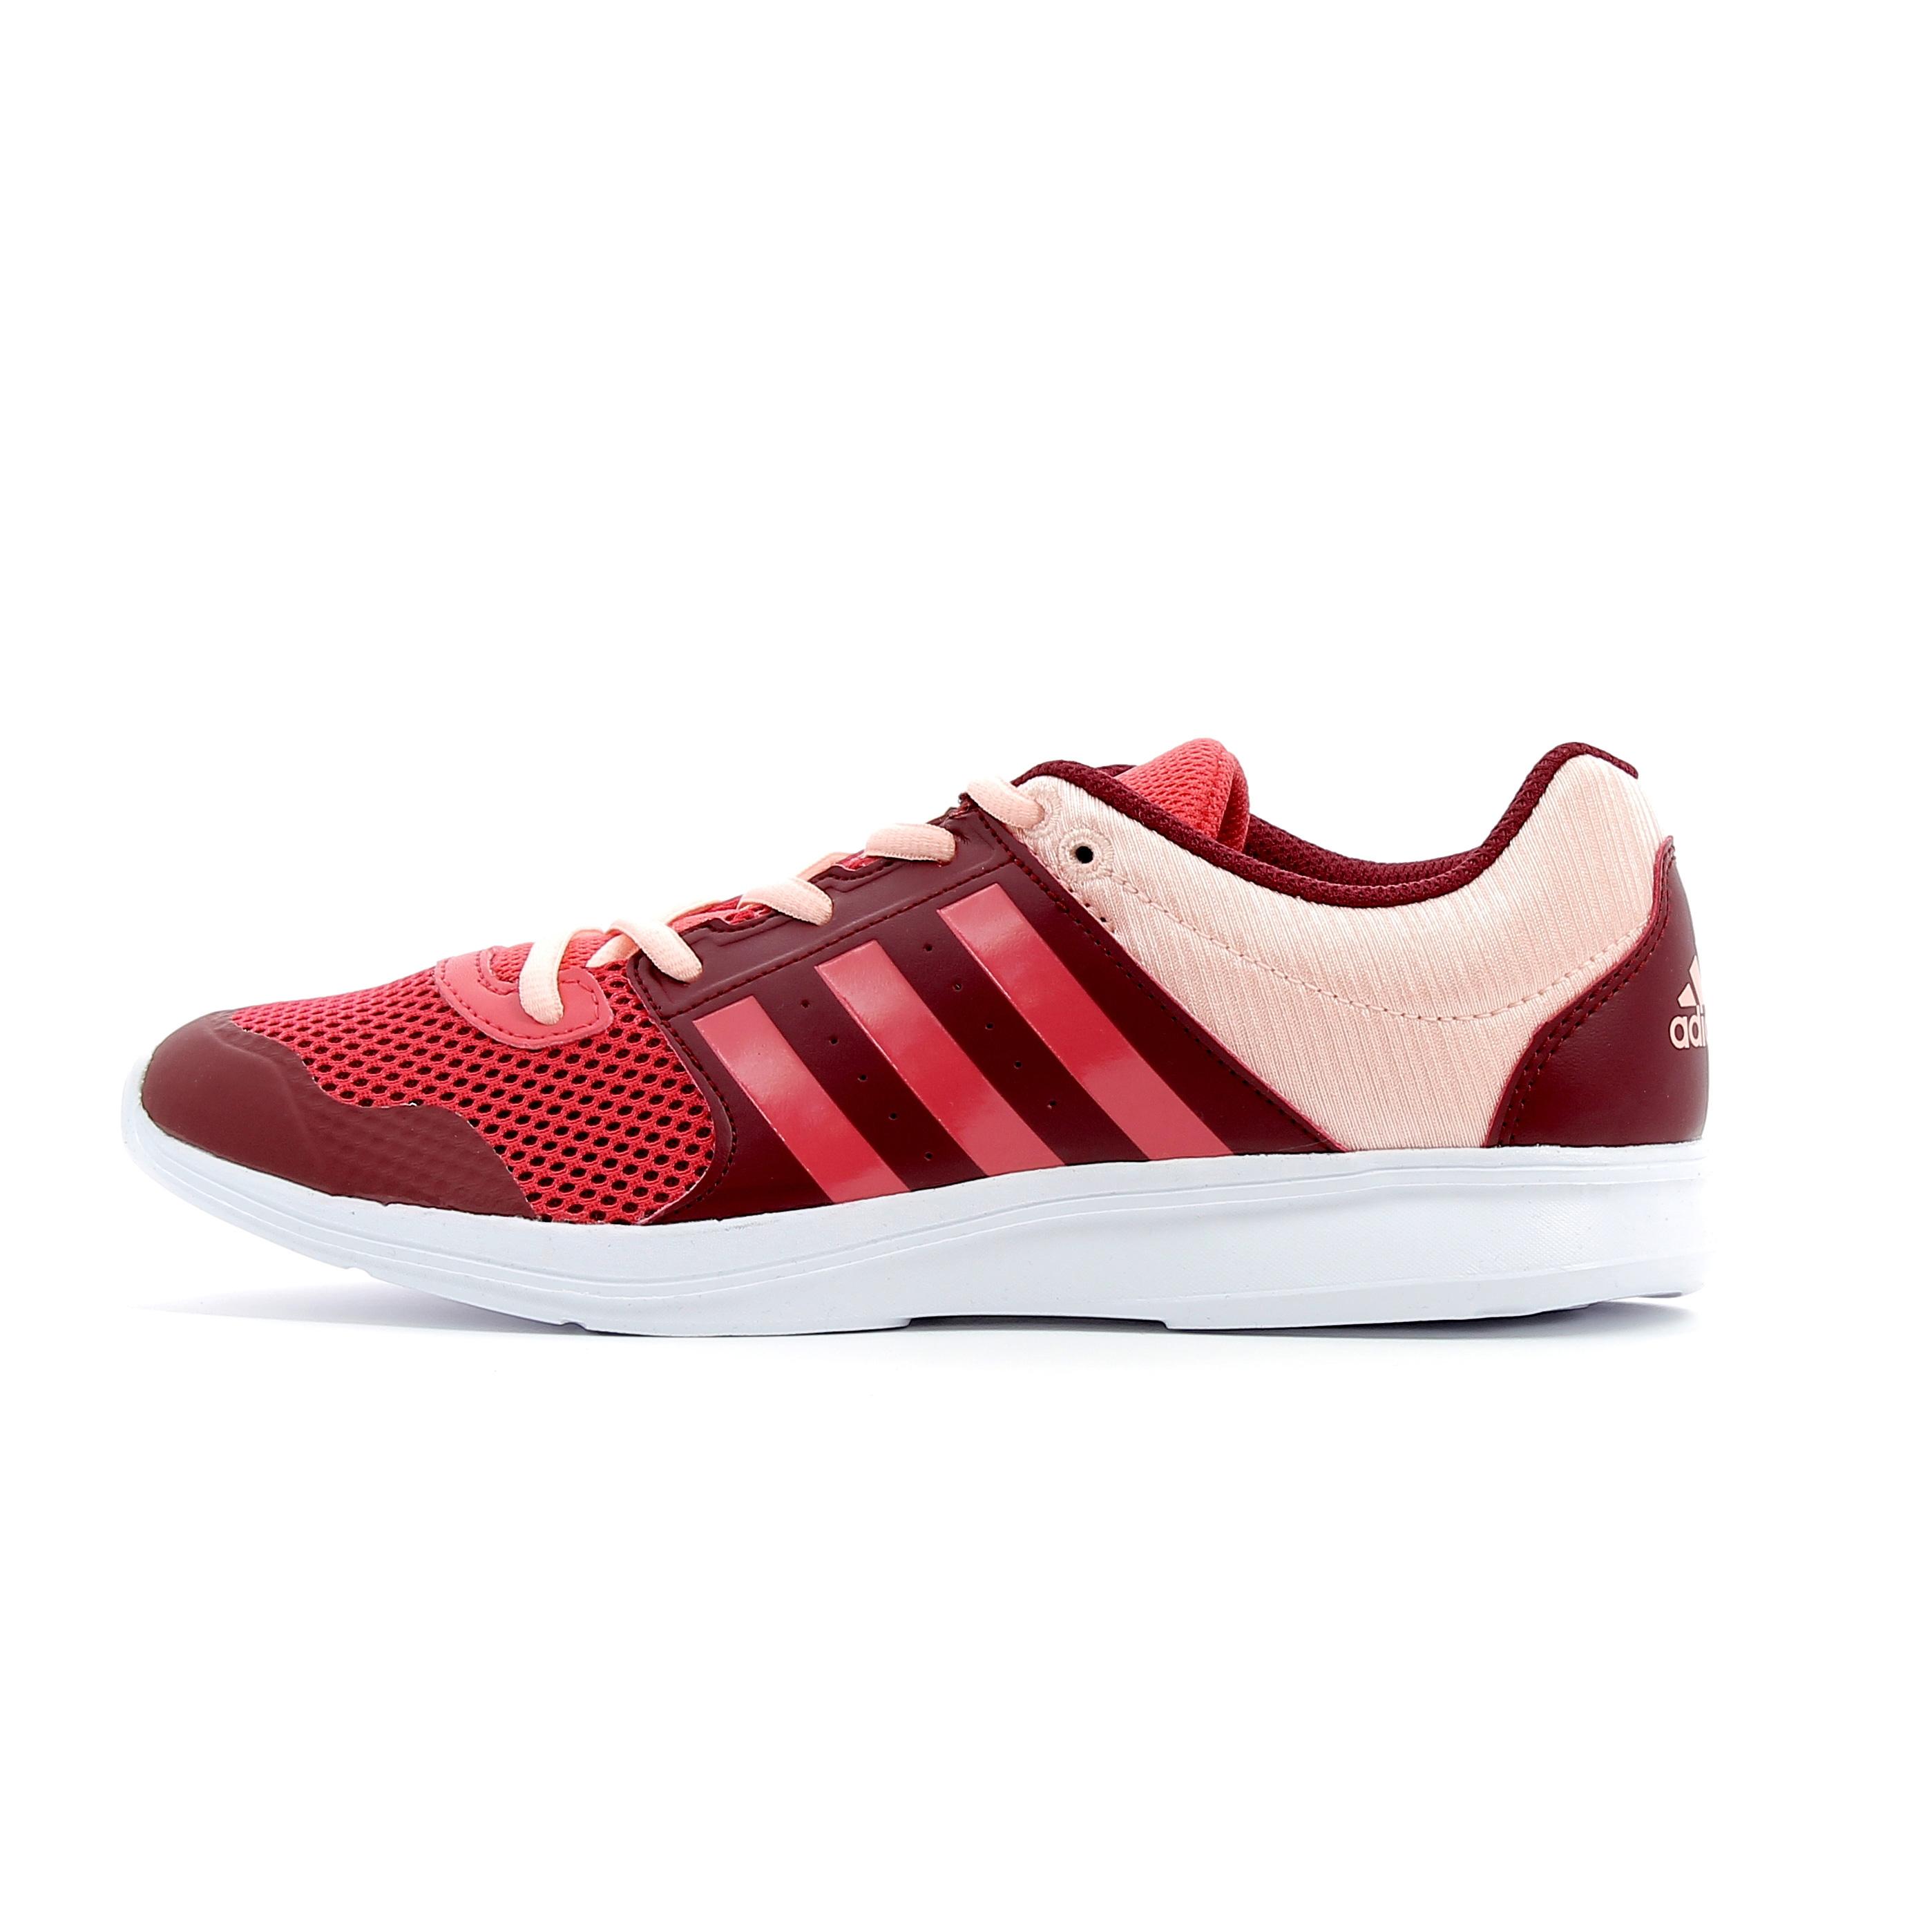 half off 3a94e 43e3e Chaussures de fitness Adidas Performance Essential Fun 2